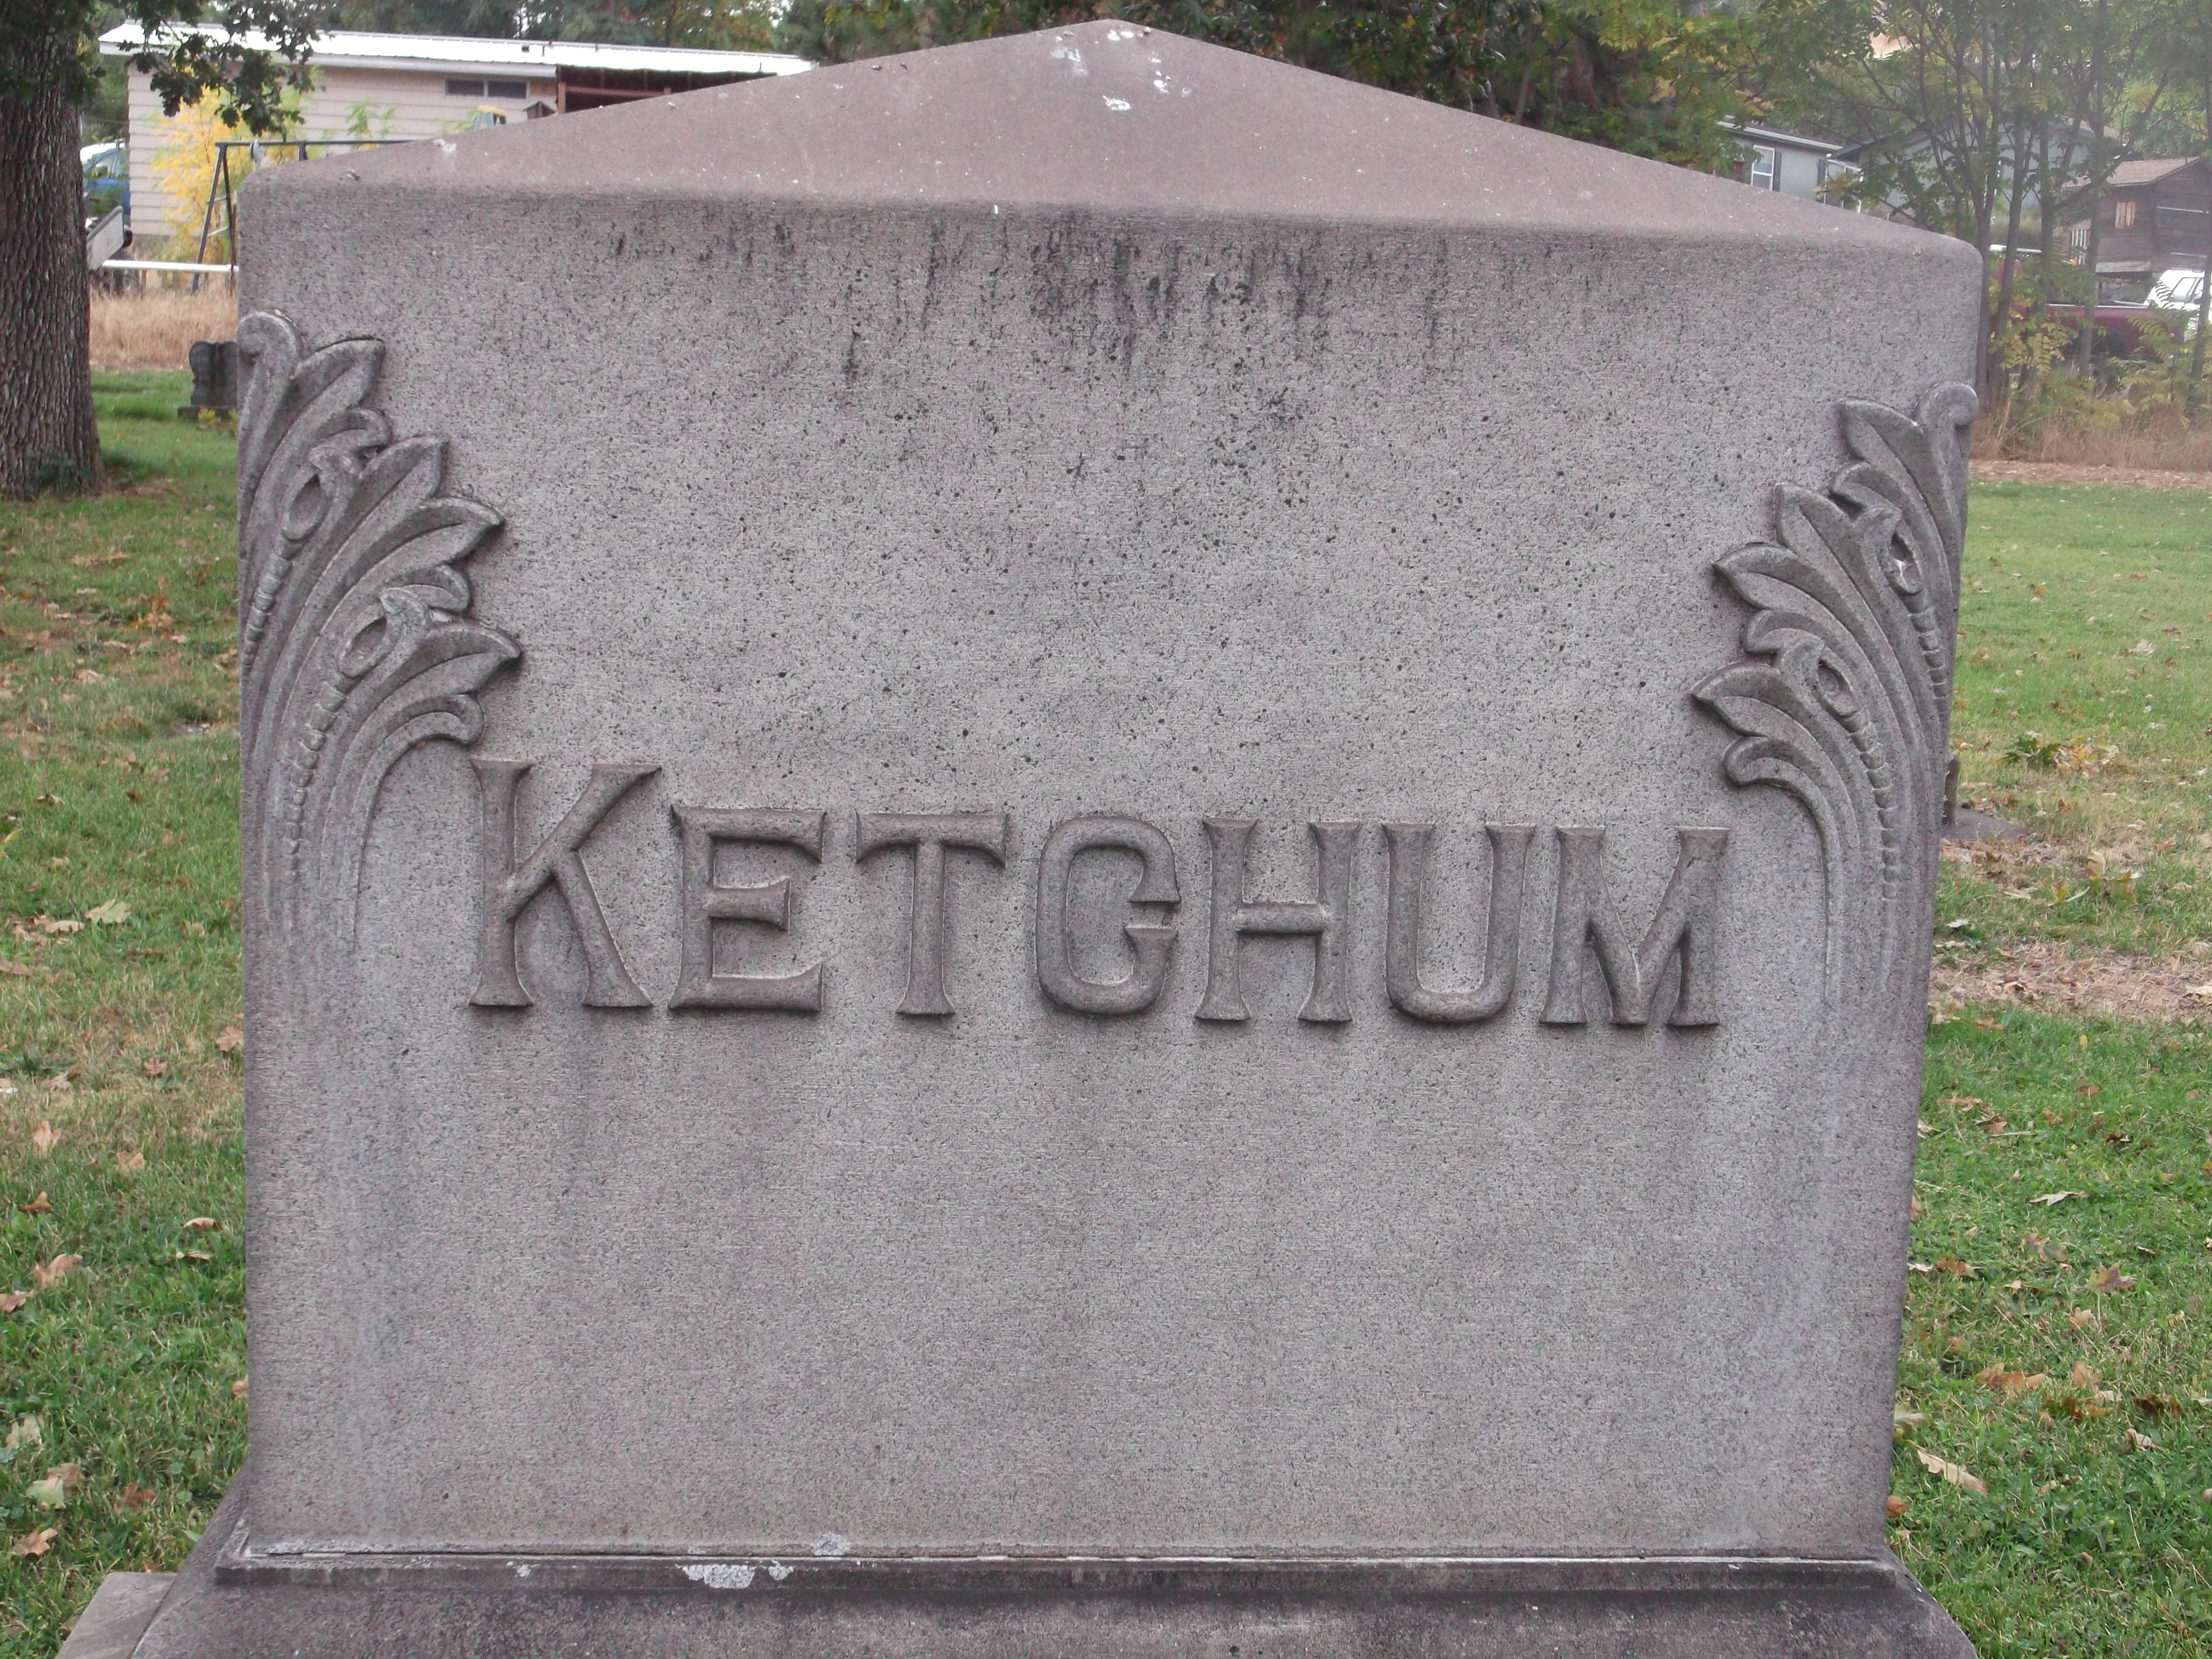 Kermit Lowell Ketchum